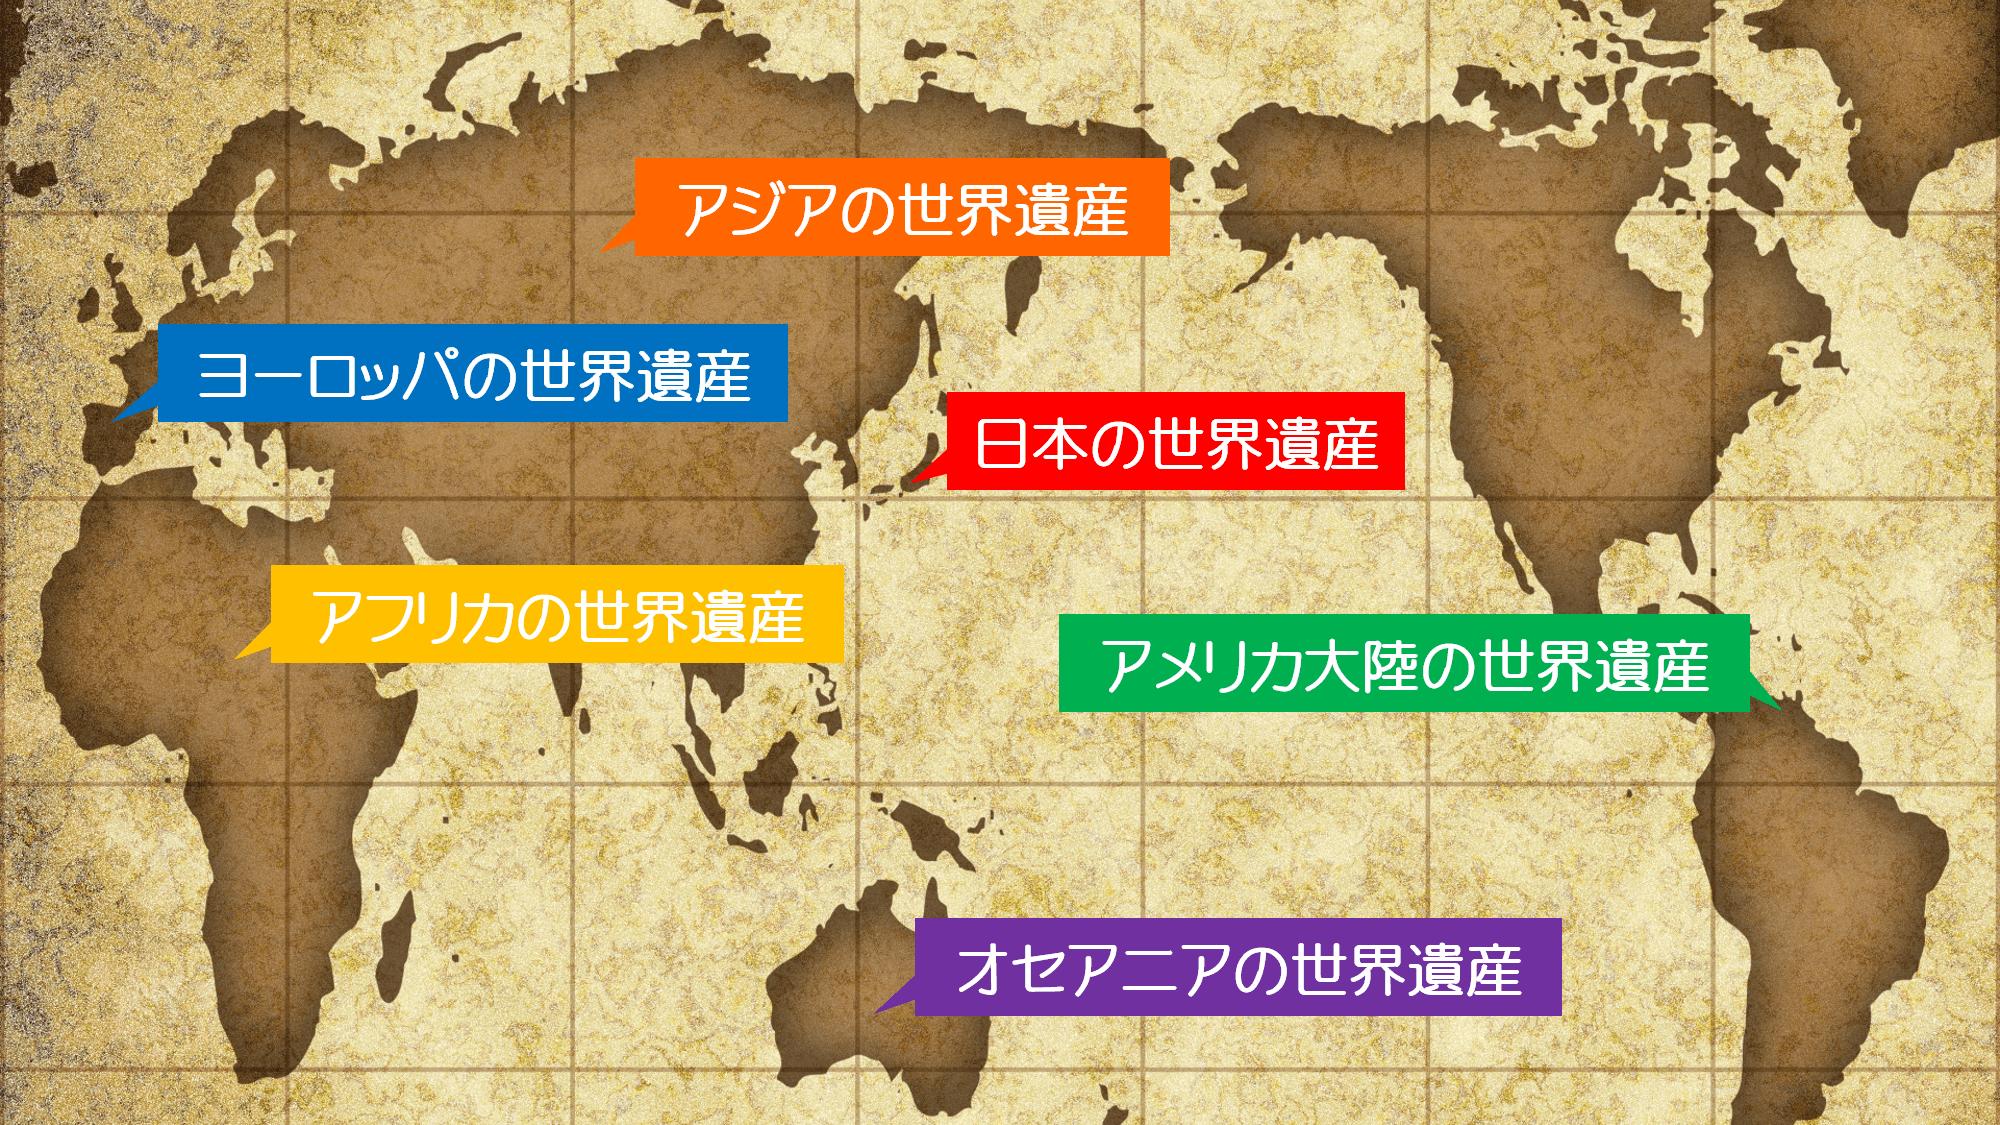 世界遺産の一覧